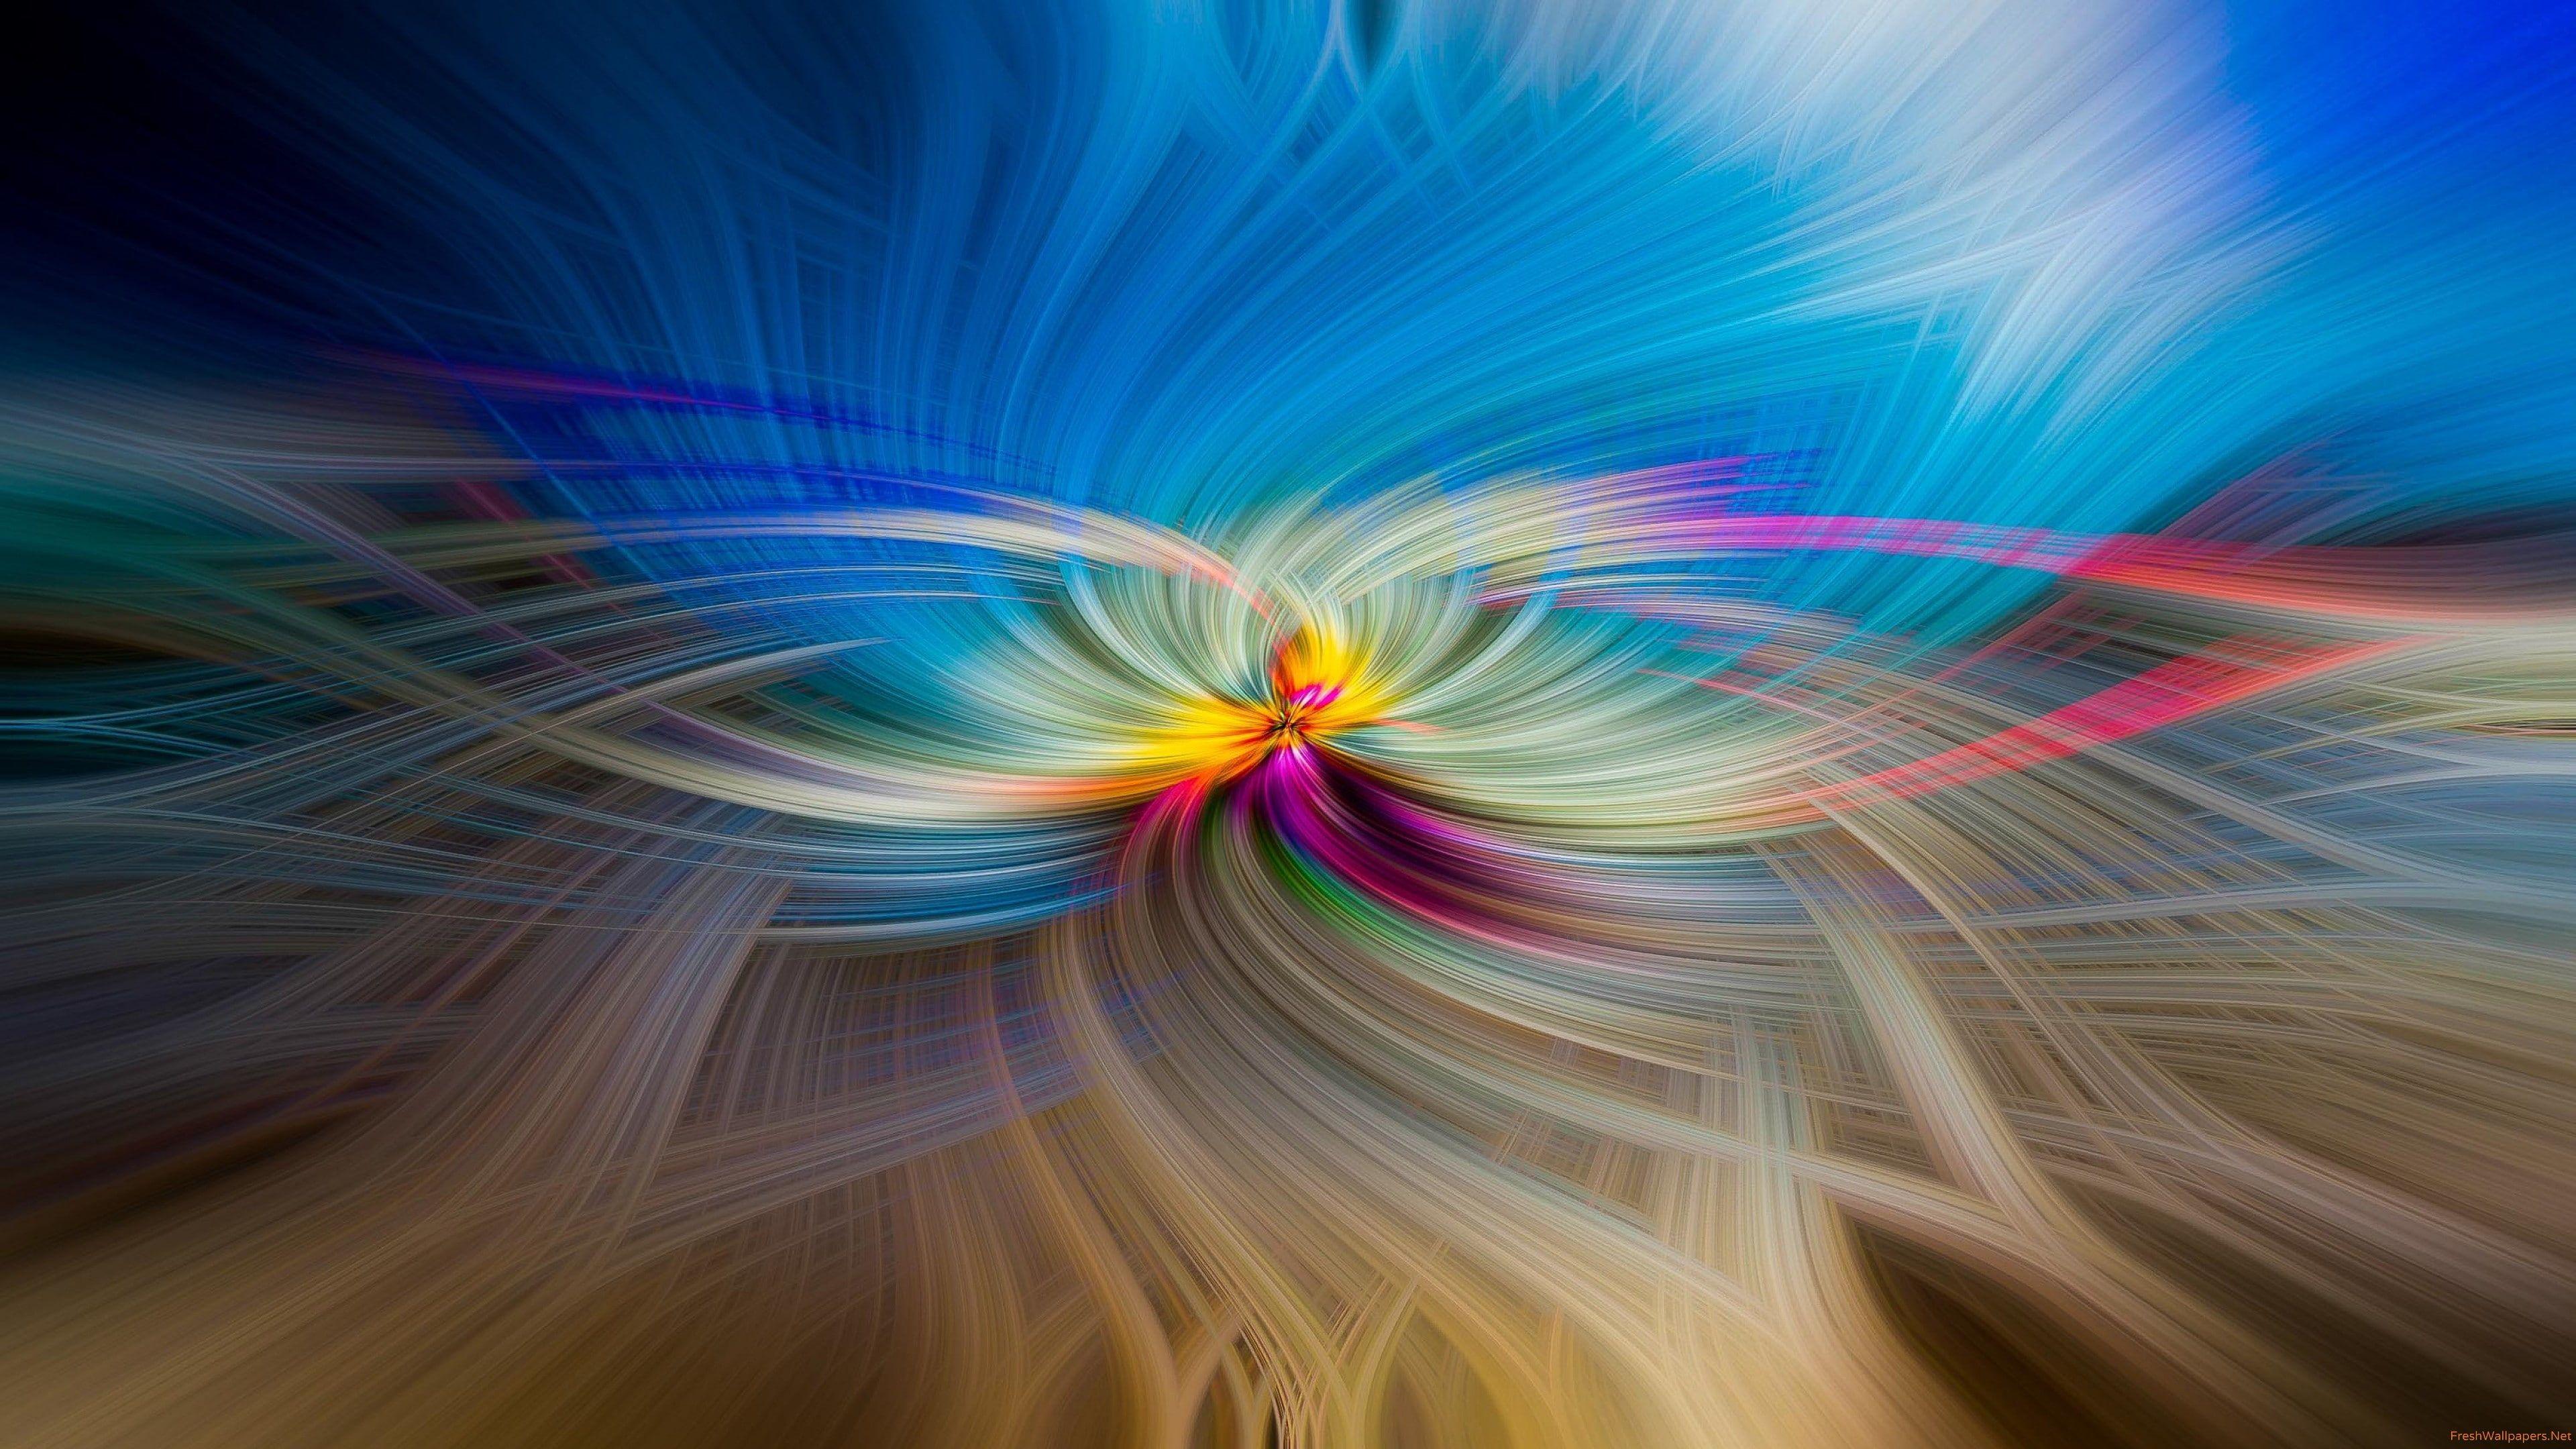 abstract wallpaper design fractal digital art